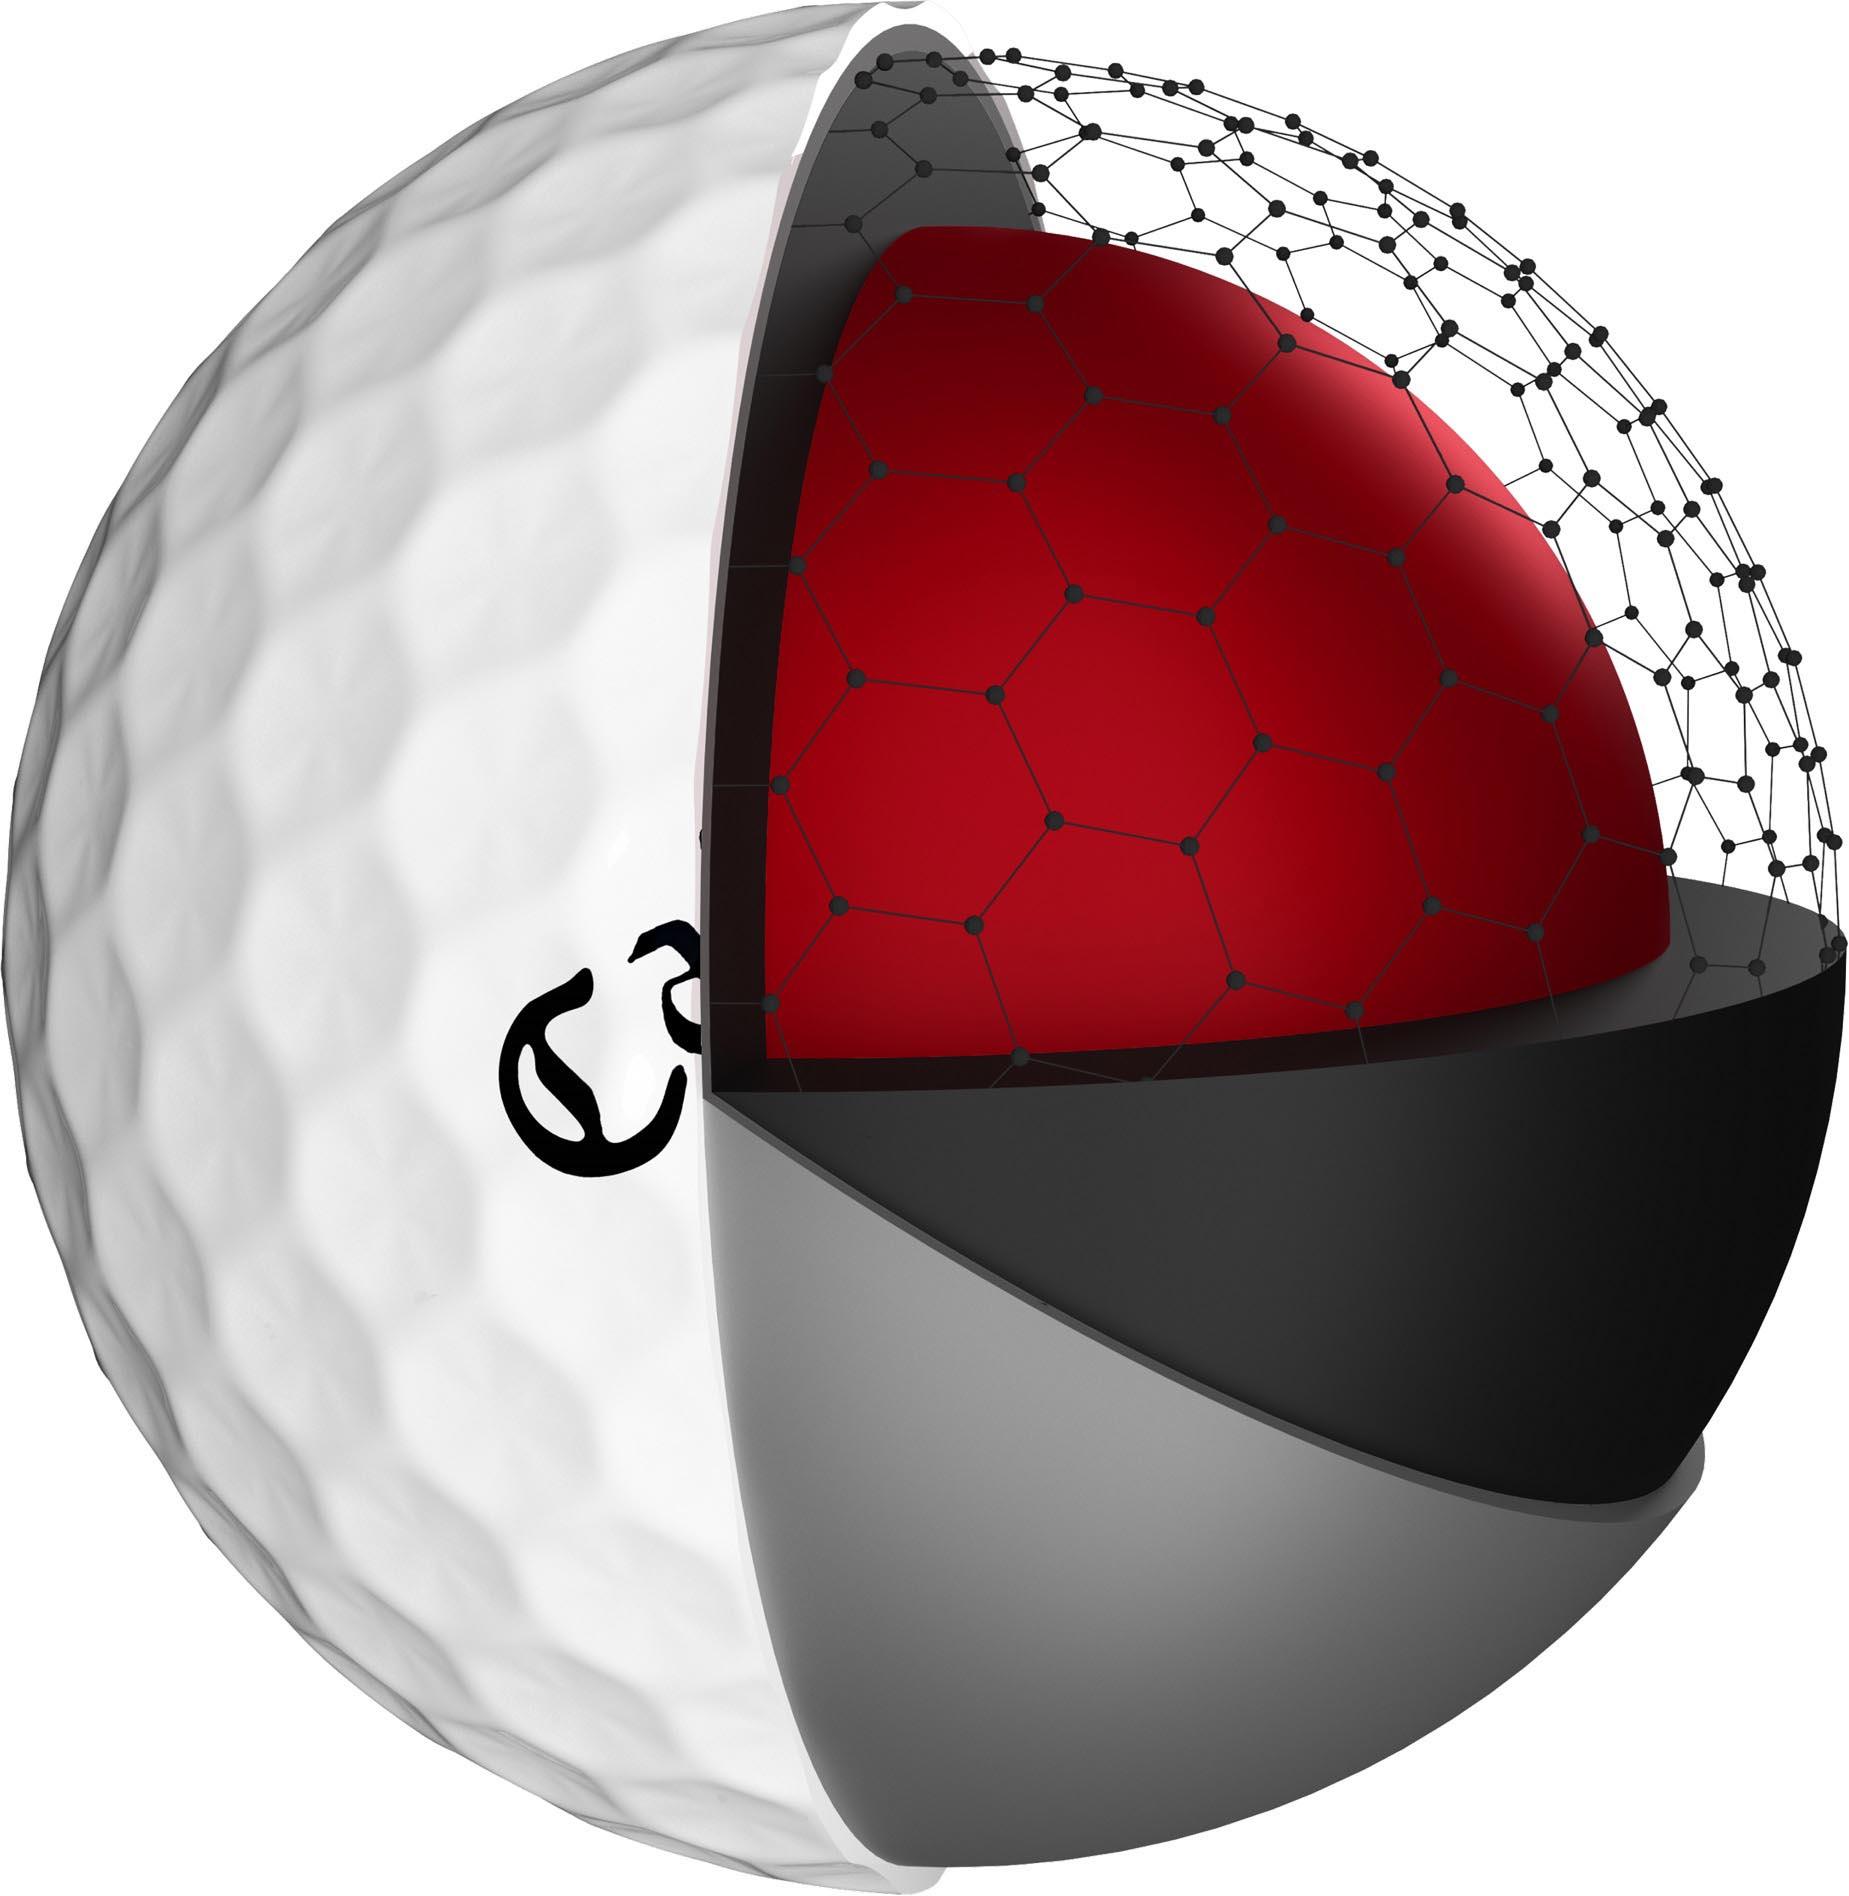 ノーベル賞を受賞した炭素素材「グラフェン」の特性を生かしたキャロウェイゴルフの「クロム ソフト ボール」「クロム ソフト X ボール」(イメージ)